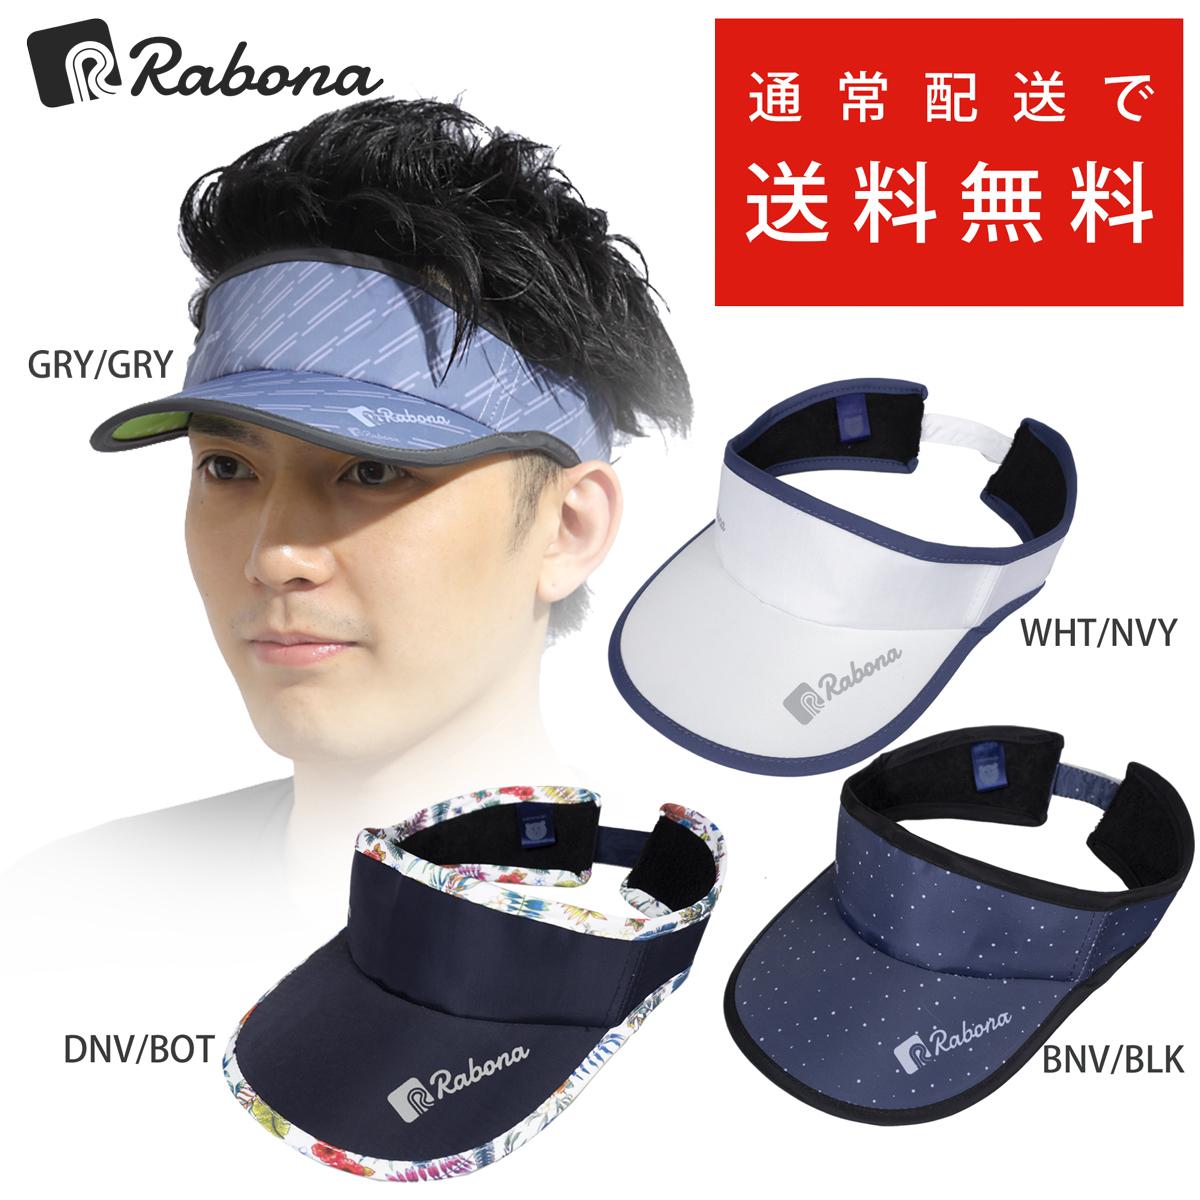 【楽天市場】Rabona(ラボーナ) ランニング バイザー 丸洗い可能なランバイザー/サンバイザ...